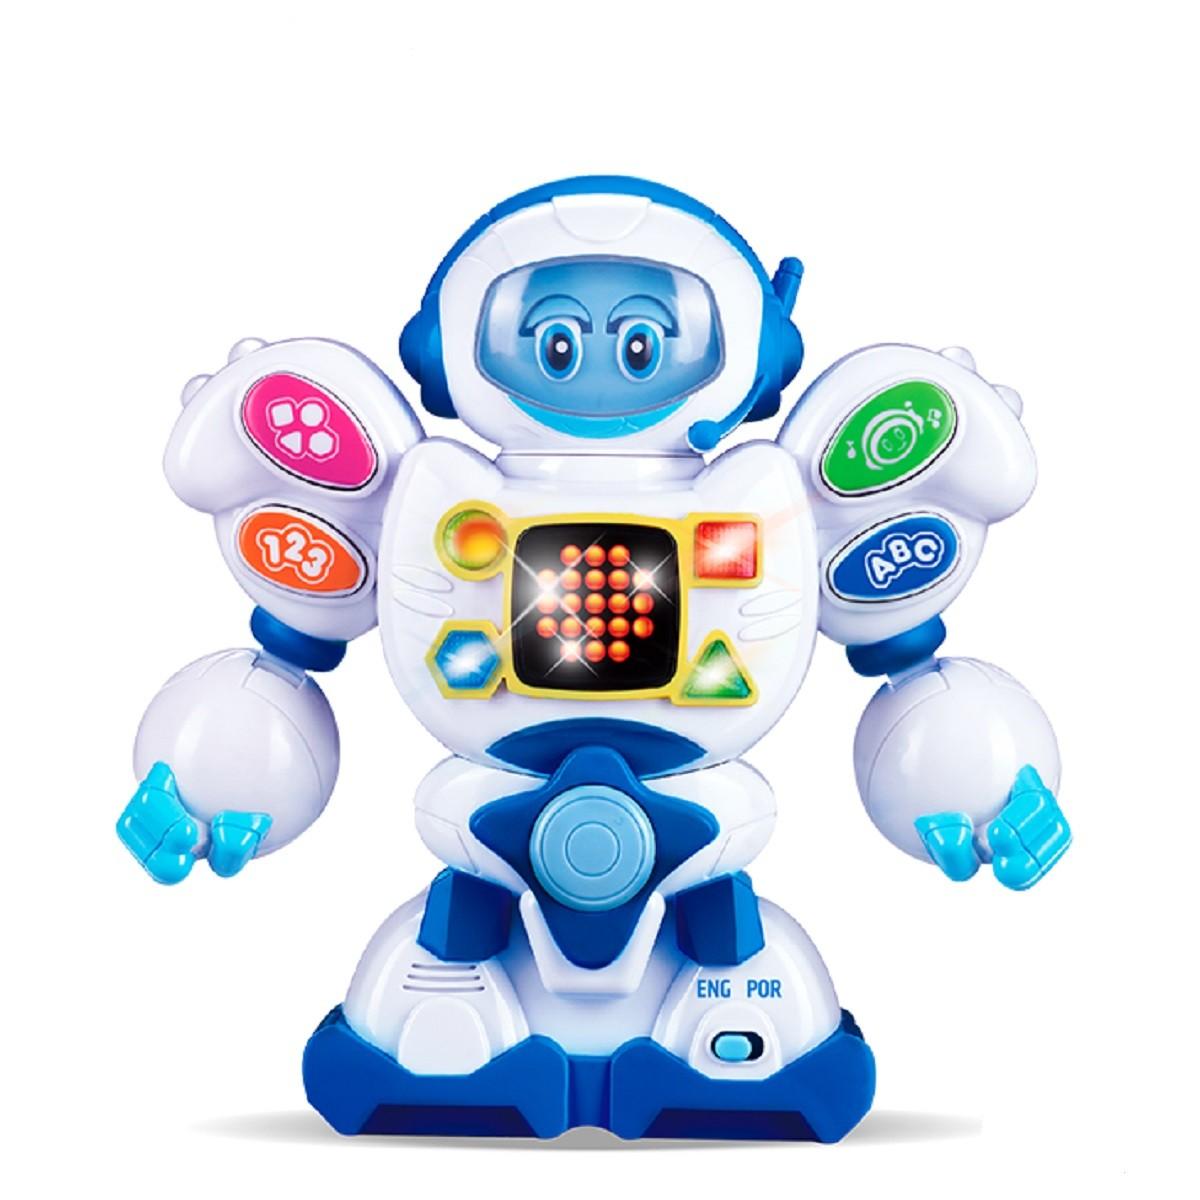 Brinquedo Infantil Amigo Robô Bilíngue Português e Inglês